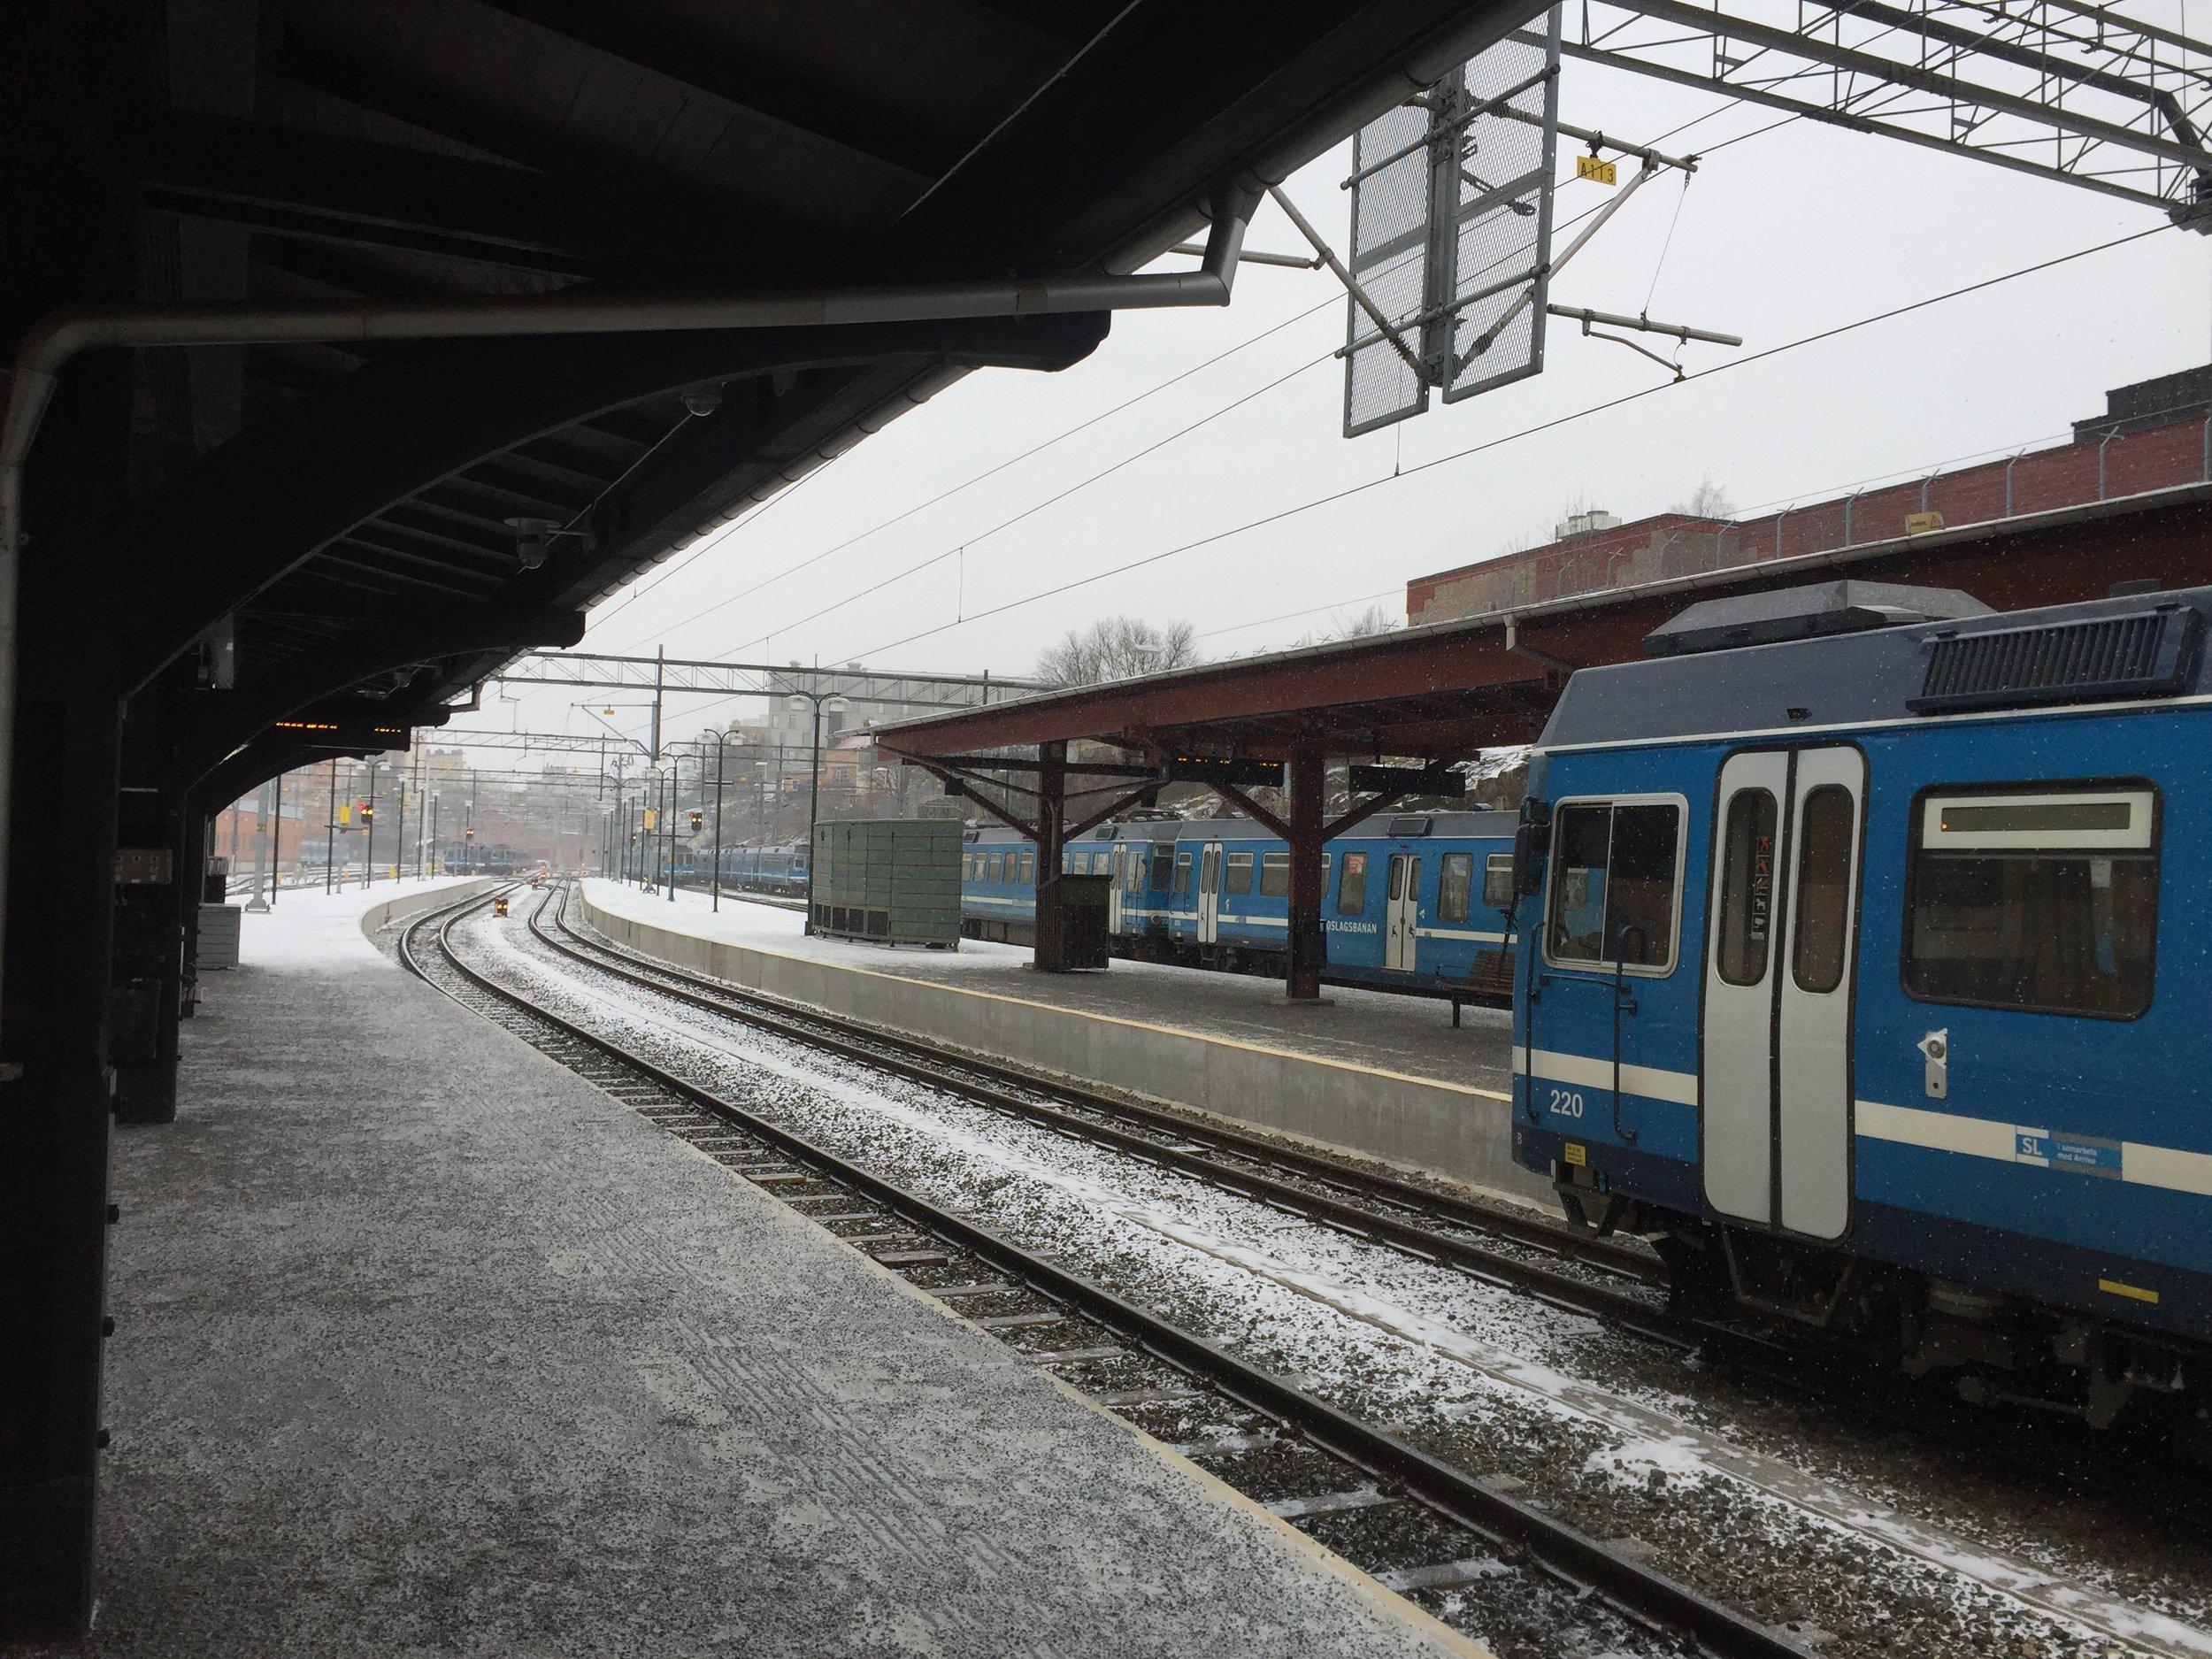 Stockholm, Sweden, February 2018